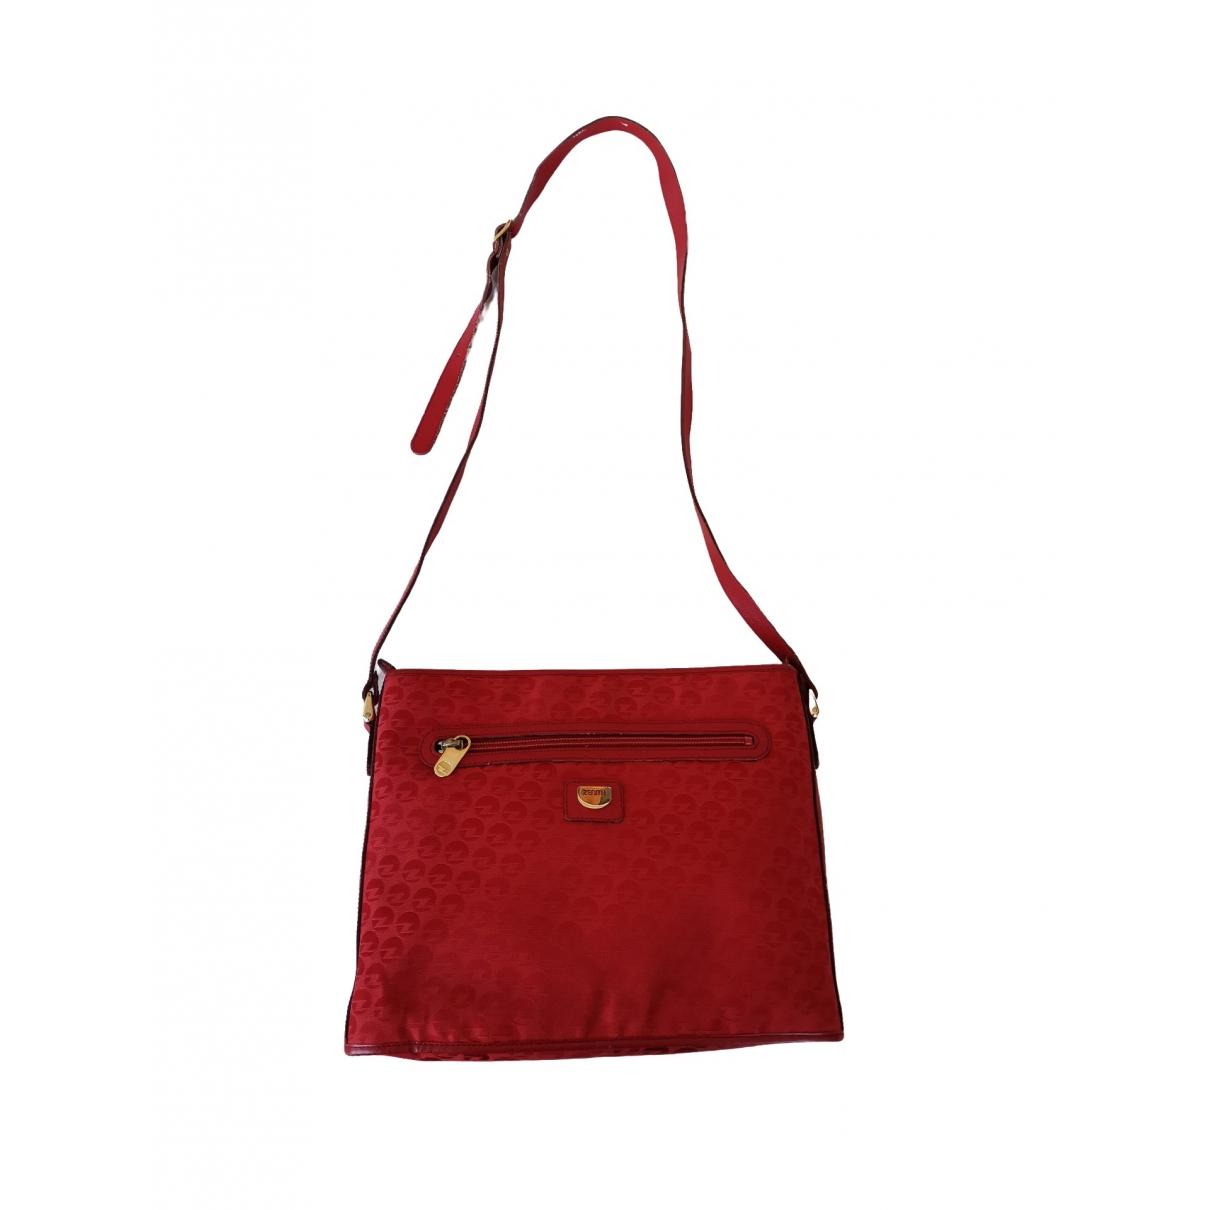 Zenith - Sac a main   pour femme en toile - rouge